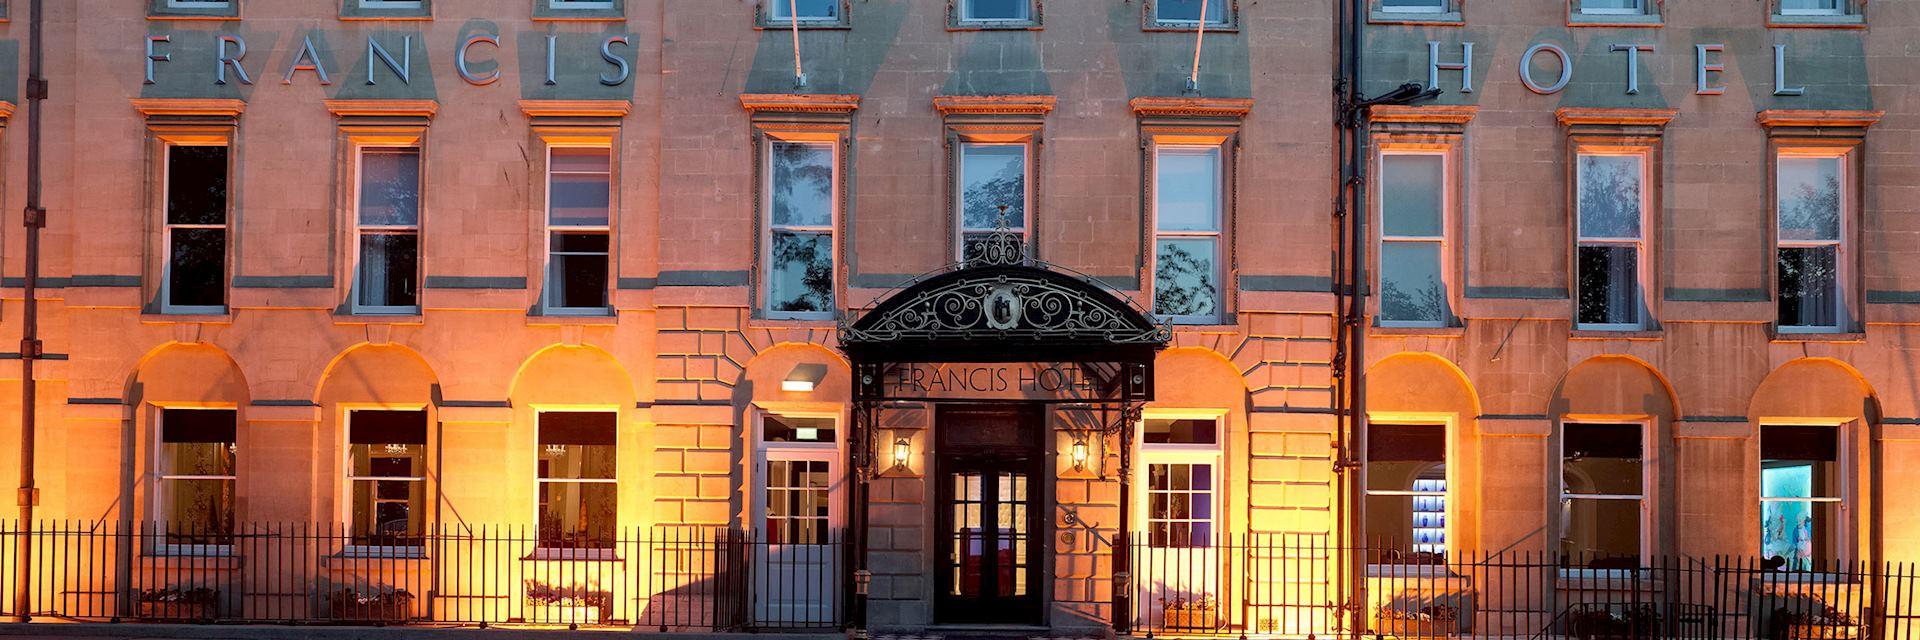 Francis Hotel, Bath